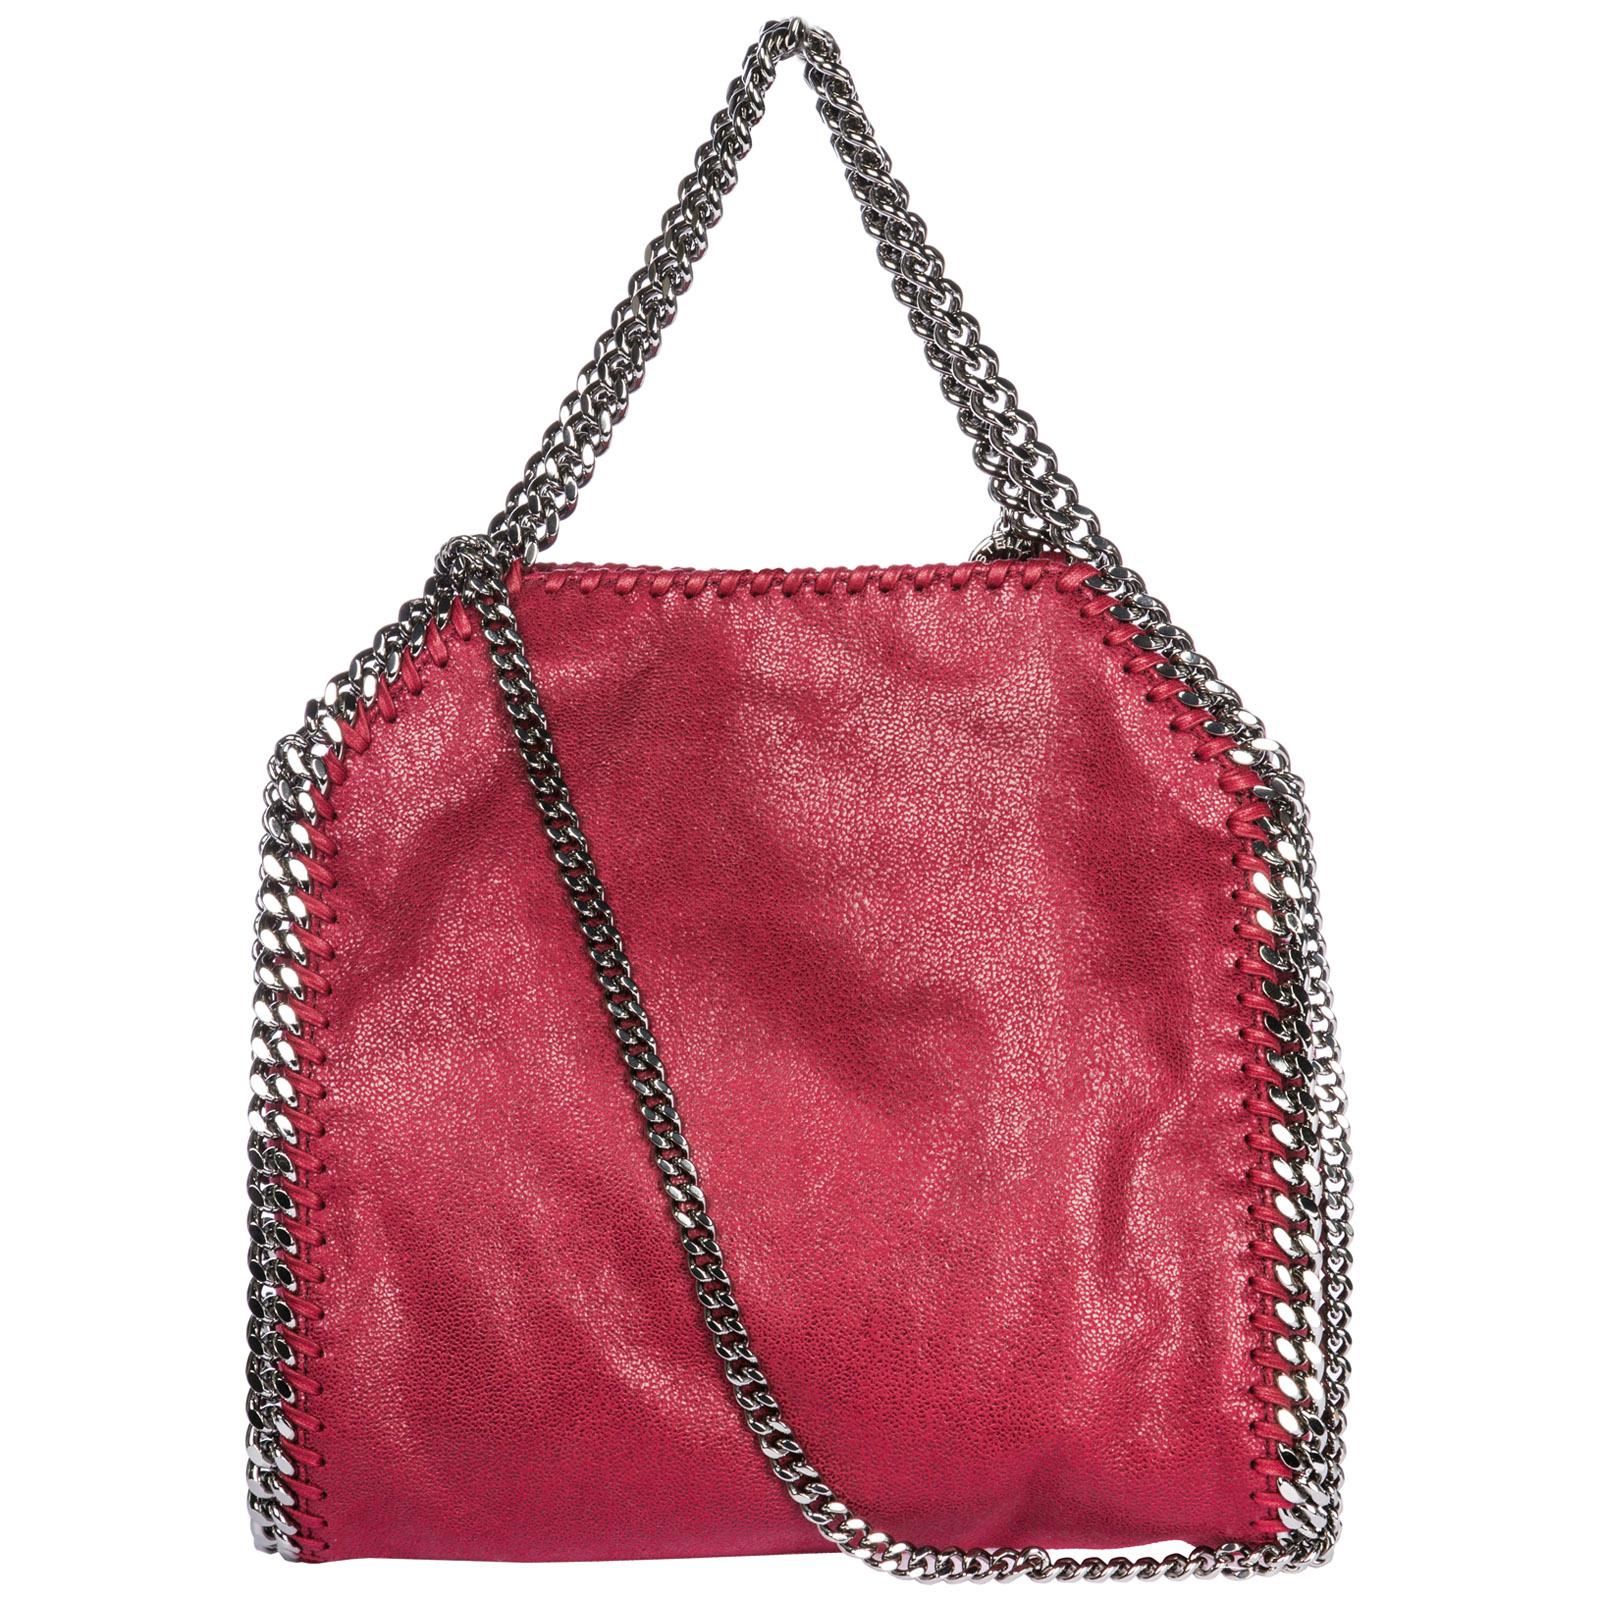 Borsa a mano Stella Mccartney Falabella Mini 371223W91326201 rosso ... 8ac10411dcb